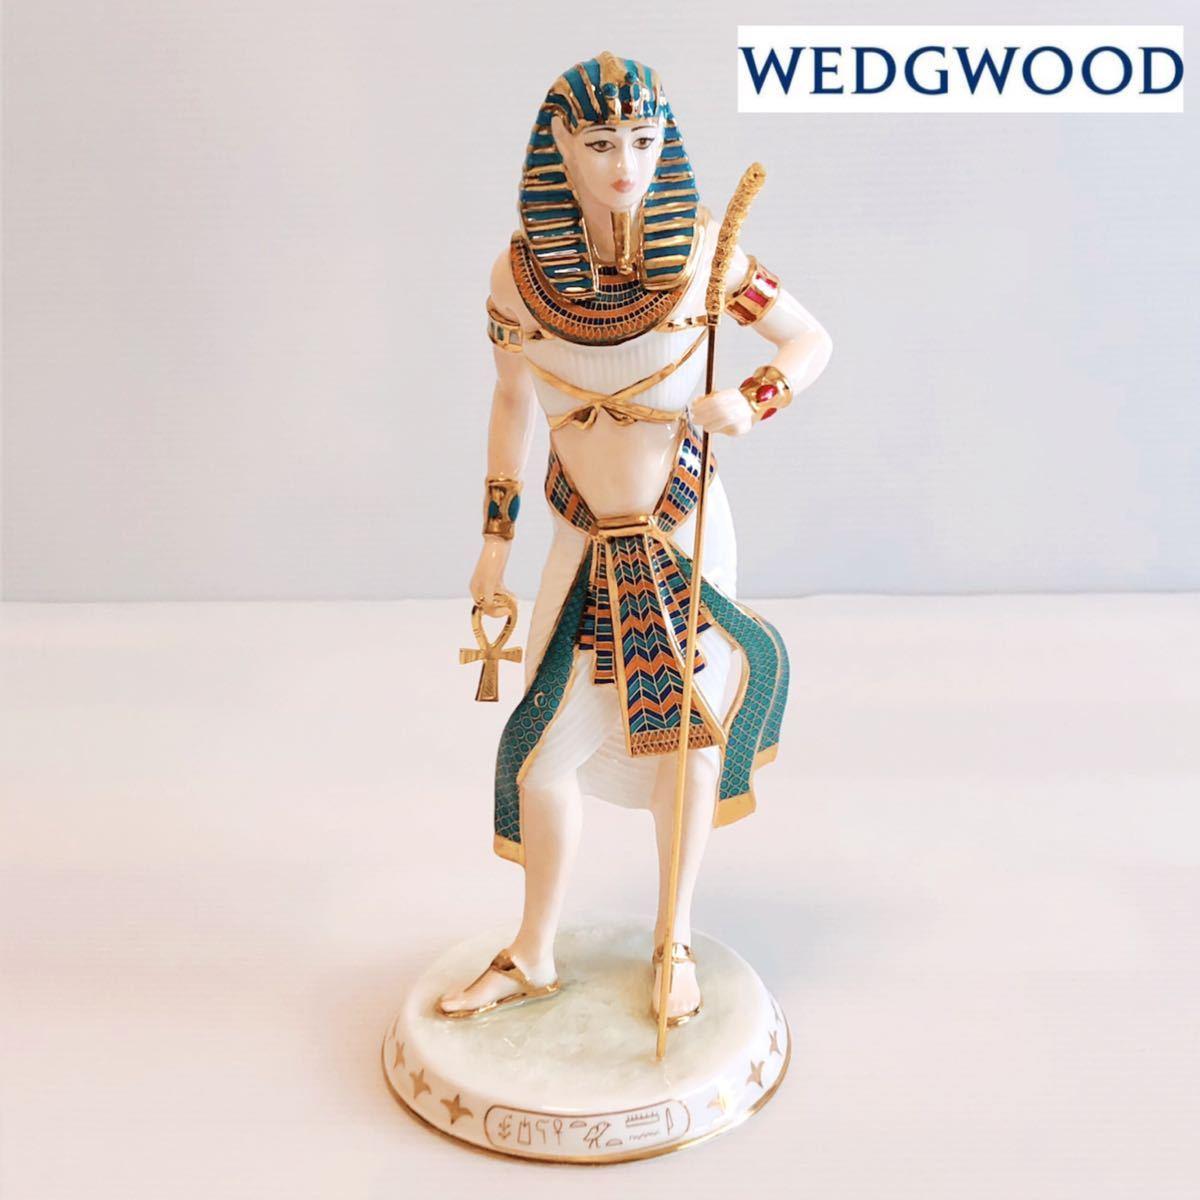 【貴重】WEDGWOOD/ツタンカーメン/The Boy King/Tutankhamun/ウェッジウッド/激レア/英国製/イギリス/置物 /限定品/陶器人形/フィギュア_画像2